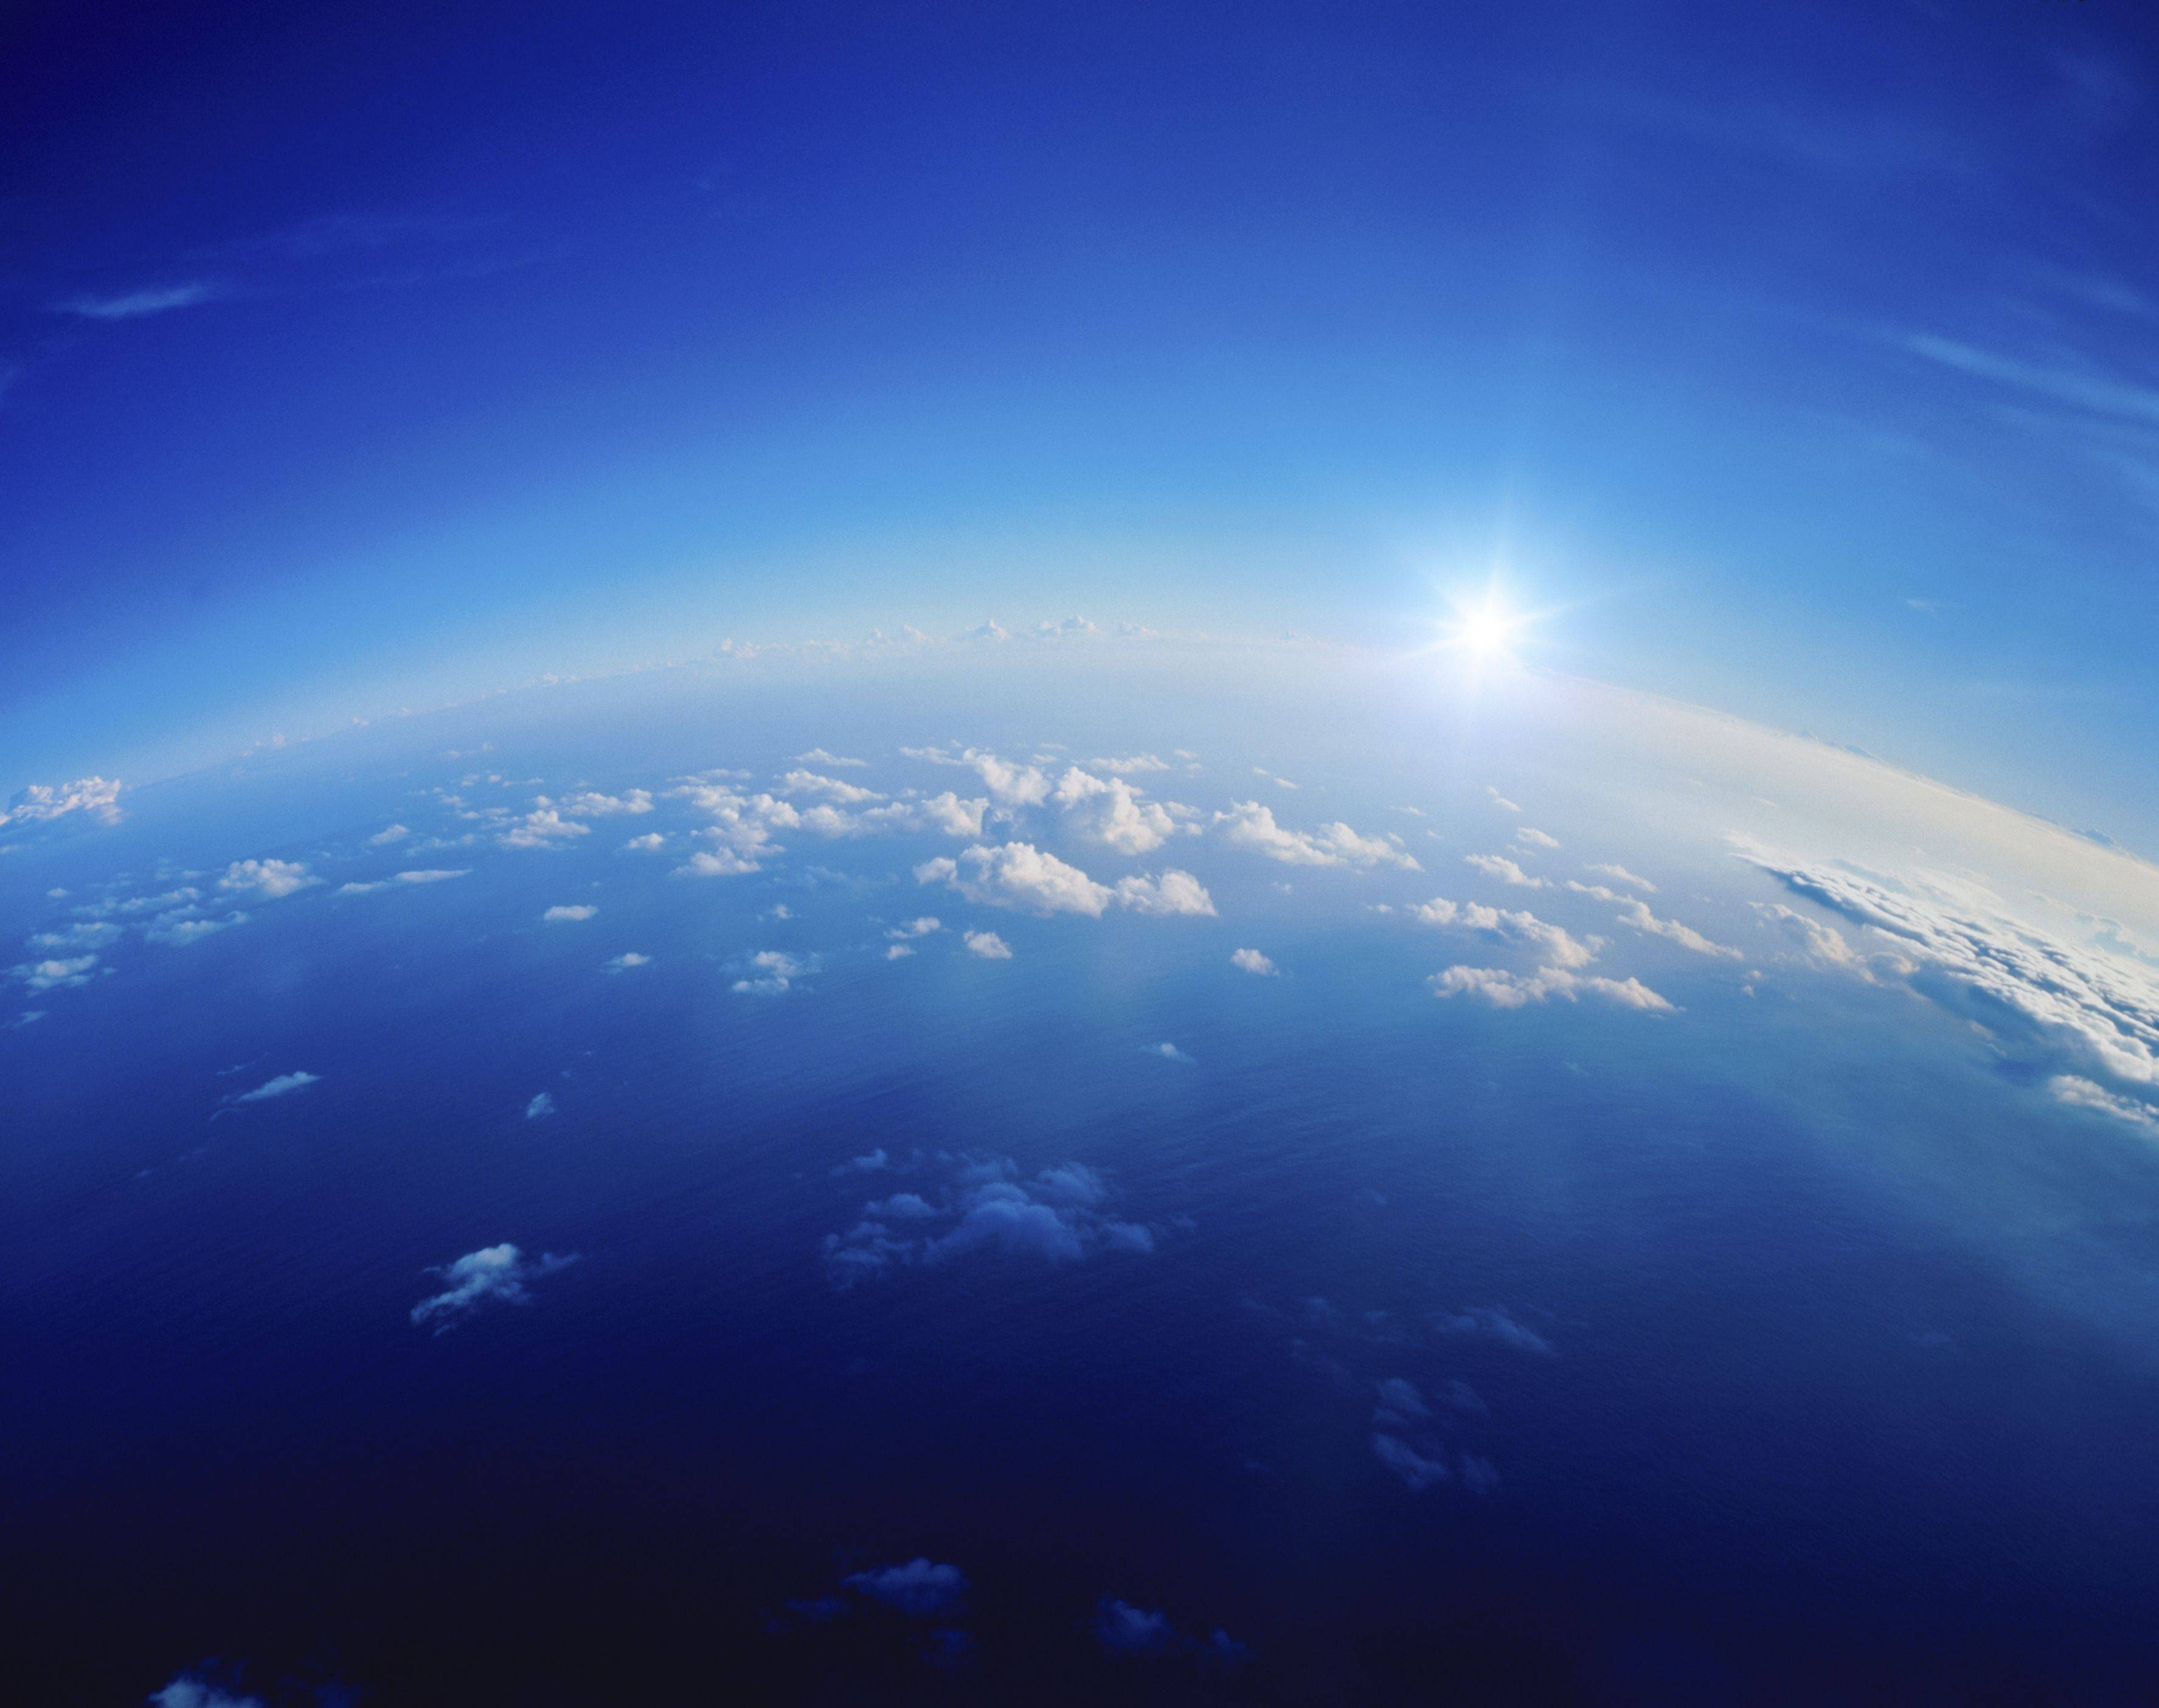 Luna: ¿Qué es el fenómeno conocido como Halo Lunar?